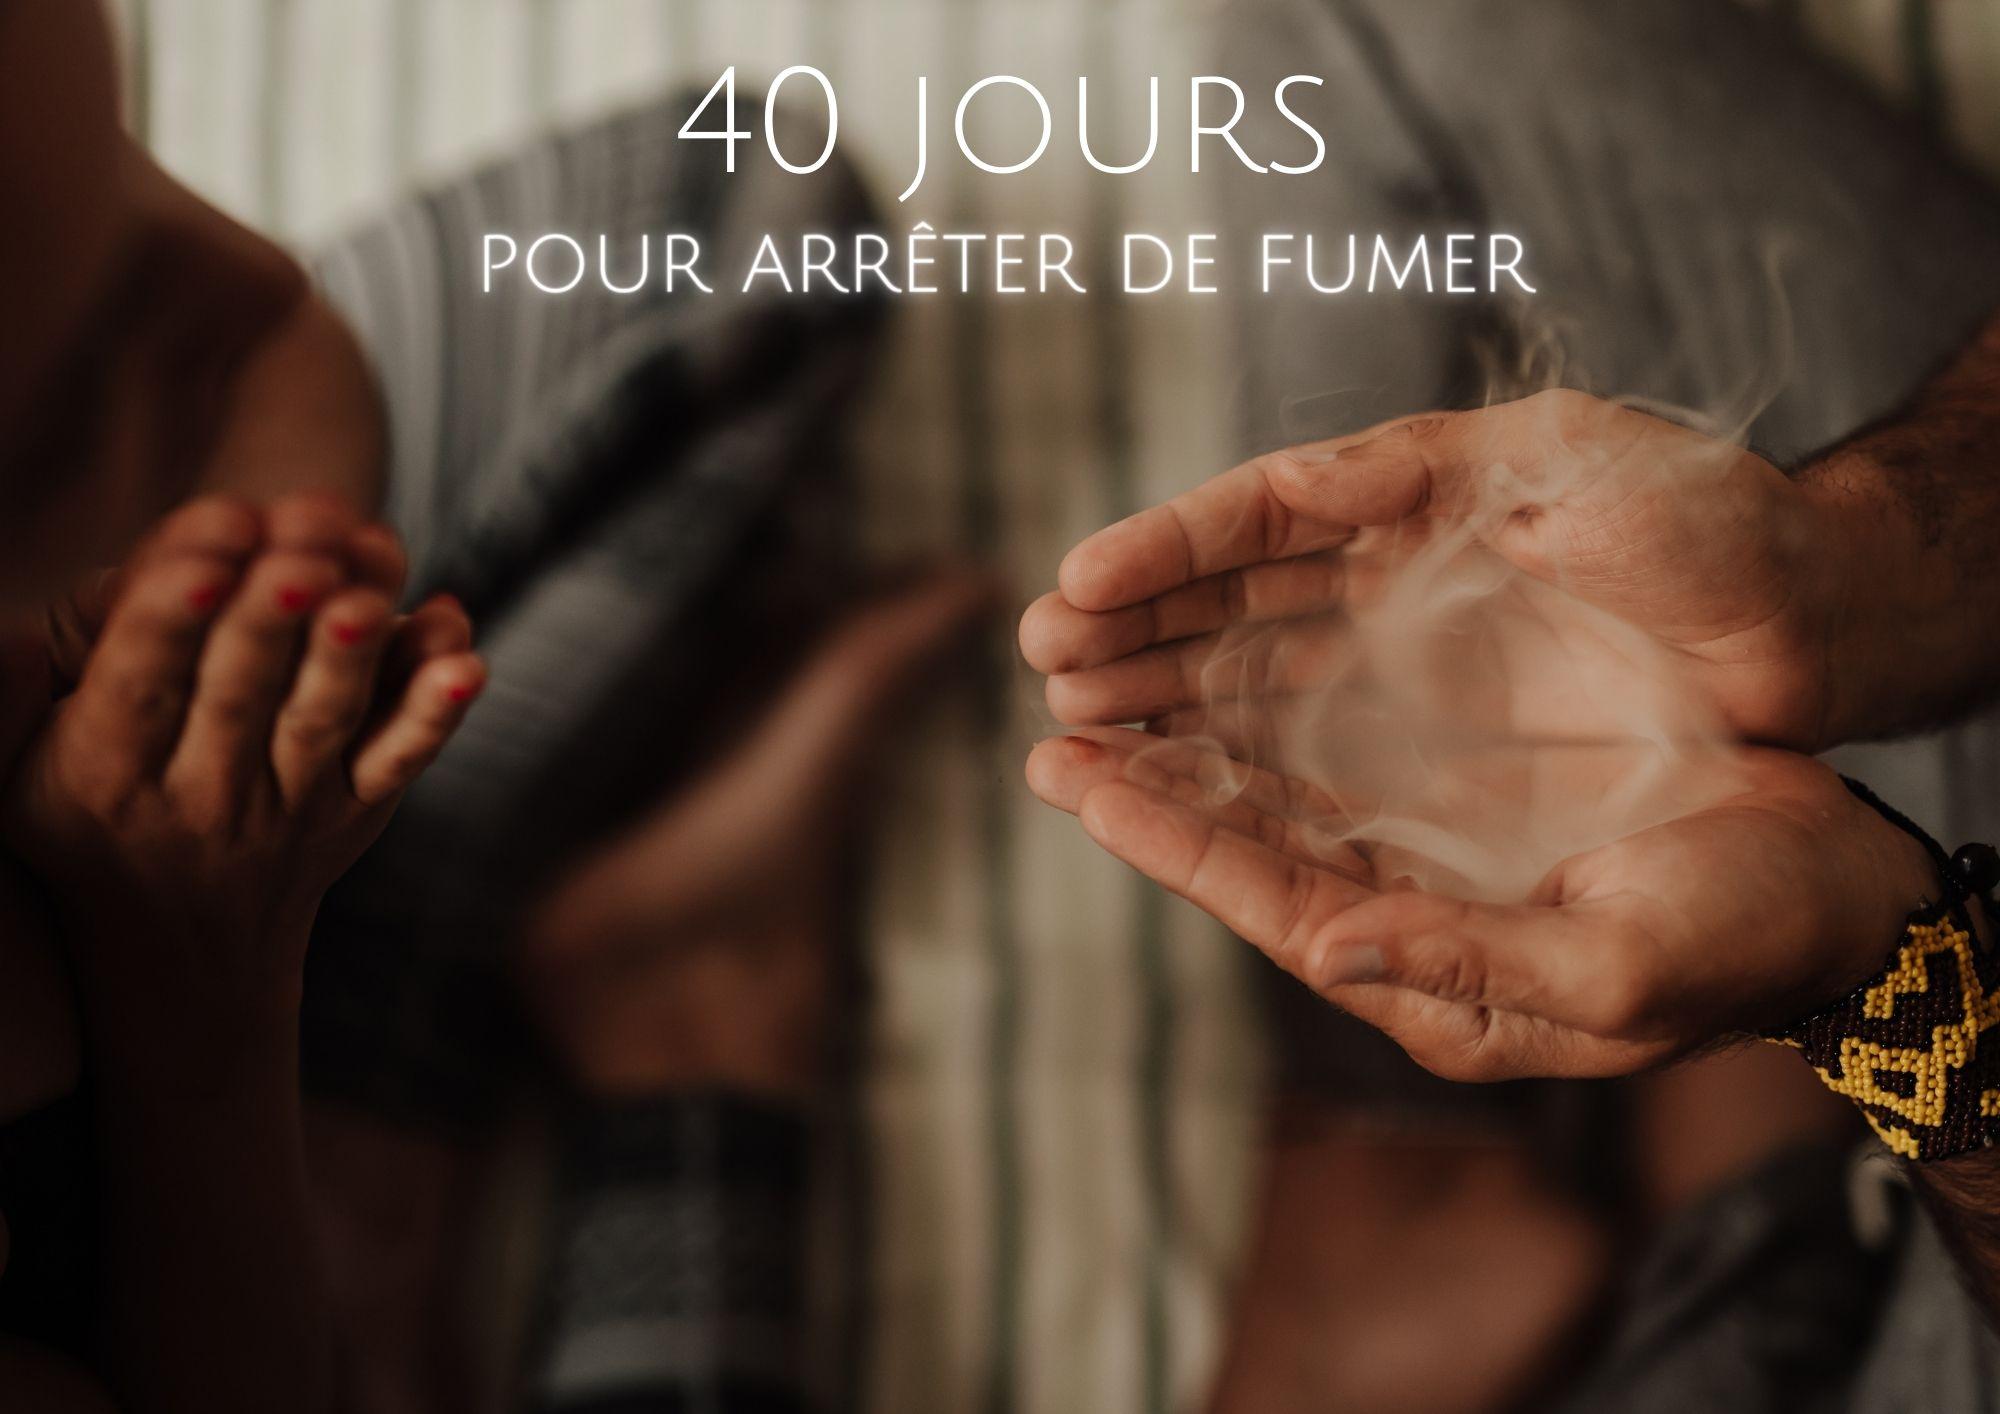 Programme initiatique pour arrêter de fumer groupe individuel 40 jours 90 jours chamanisme yoga kundalini psychothérpaie addictions